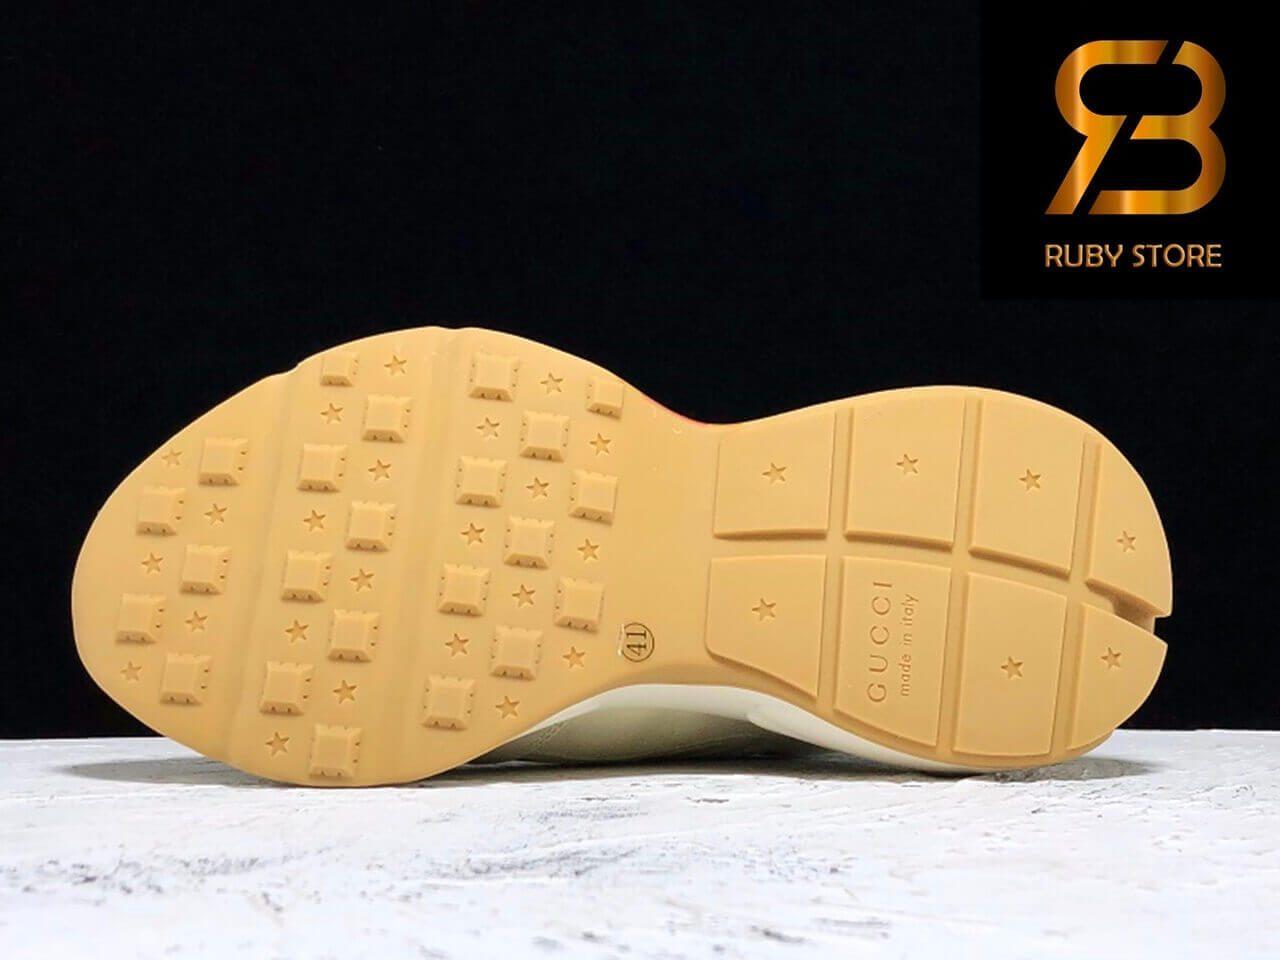 giày gucci rhyton with interlocking g siêu cấp ở hcmgiày gucci rhyton with interlocking g siêu cấp ở hcm